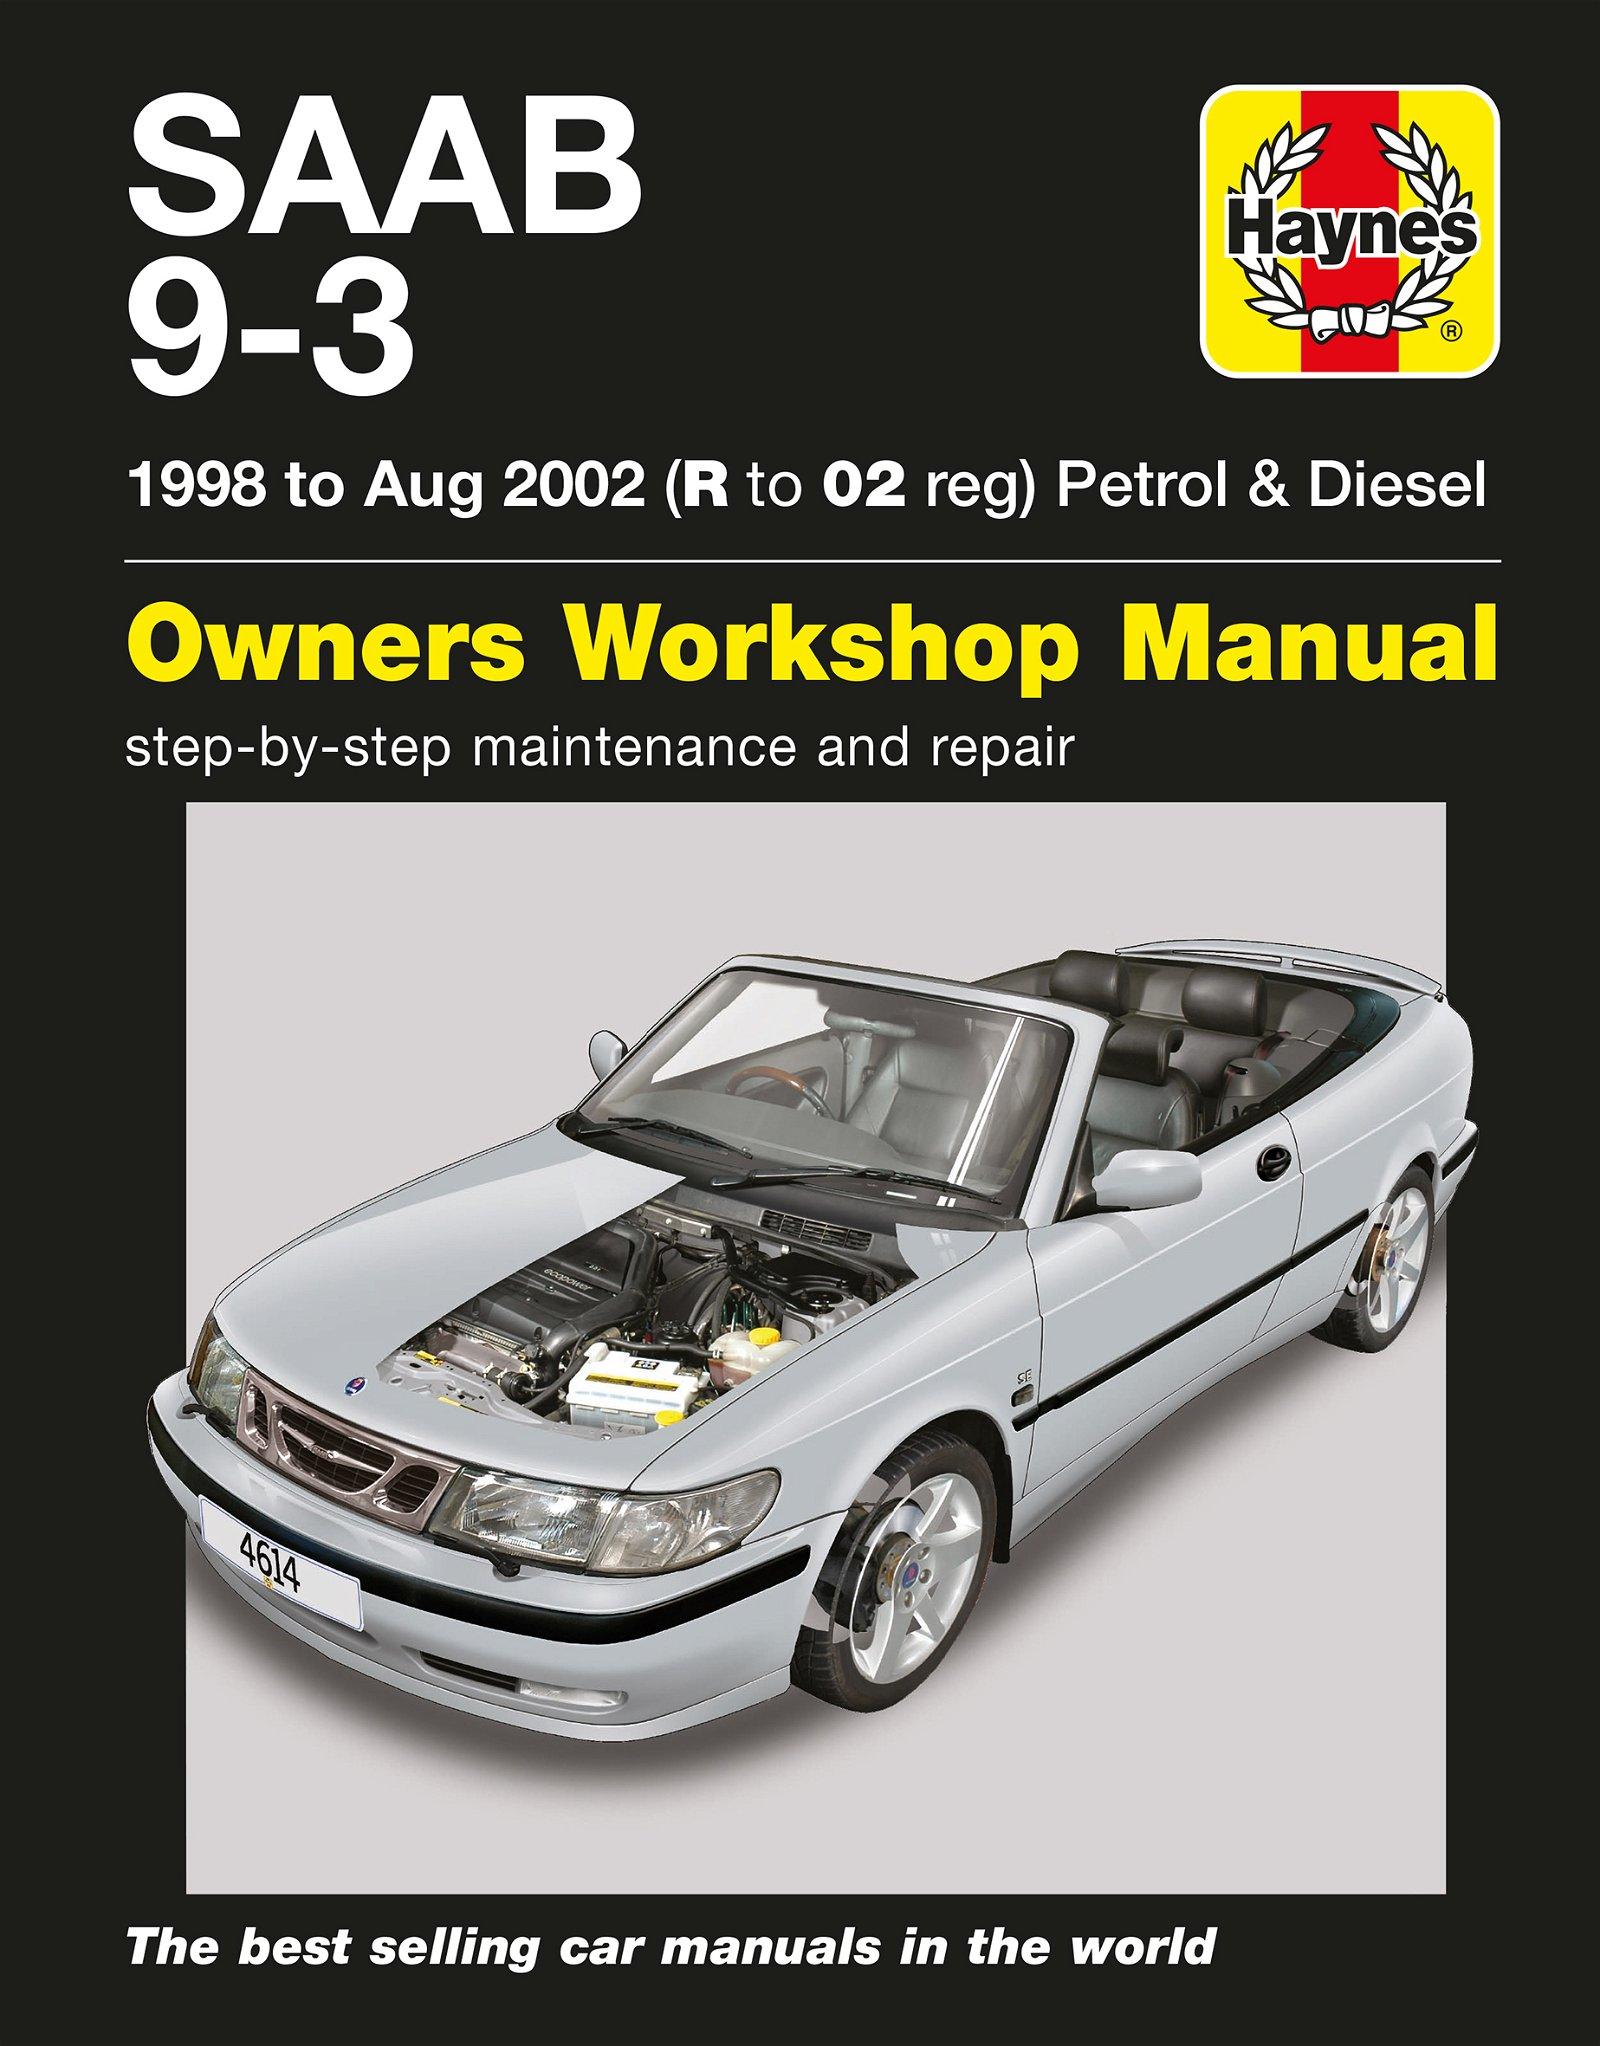 [Manuel UK en Anglais] Saab 9-3 Petrol & Diesel  (98 - Aug 02)  R to 02